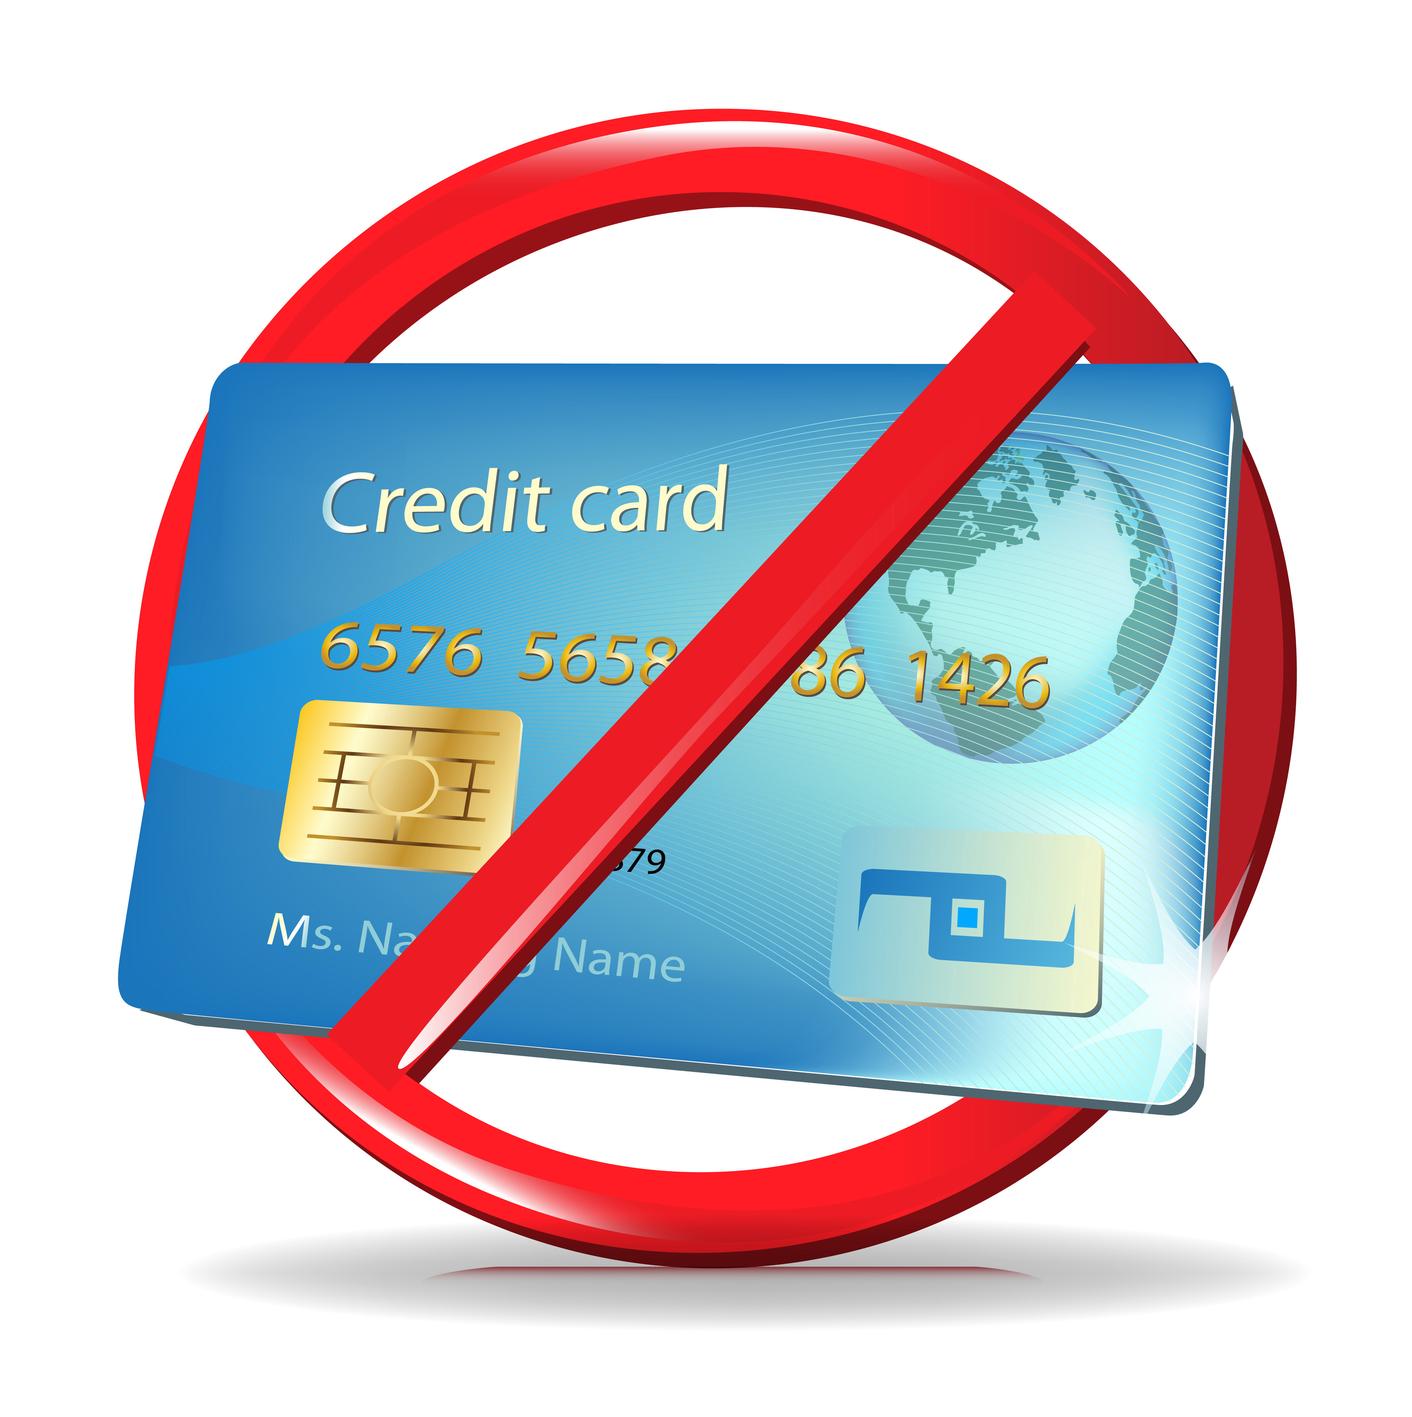 картинка банковские карты не принимаемые сейчас